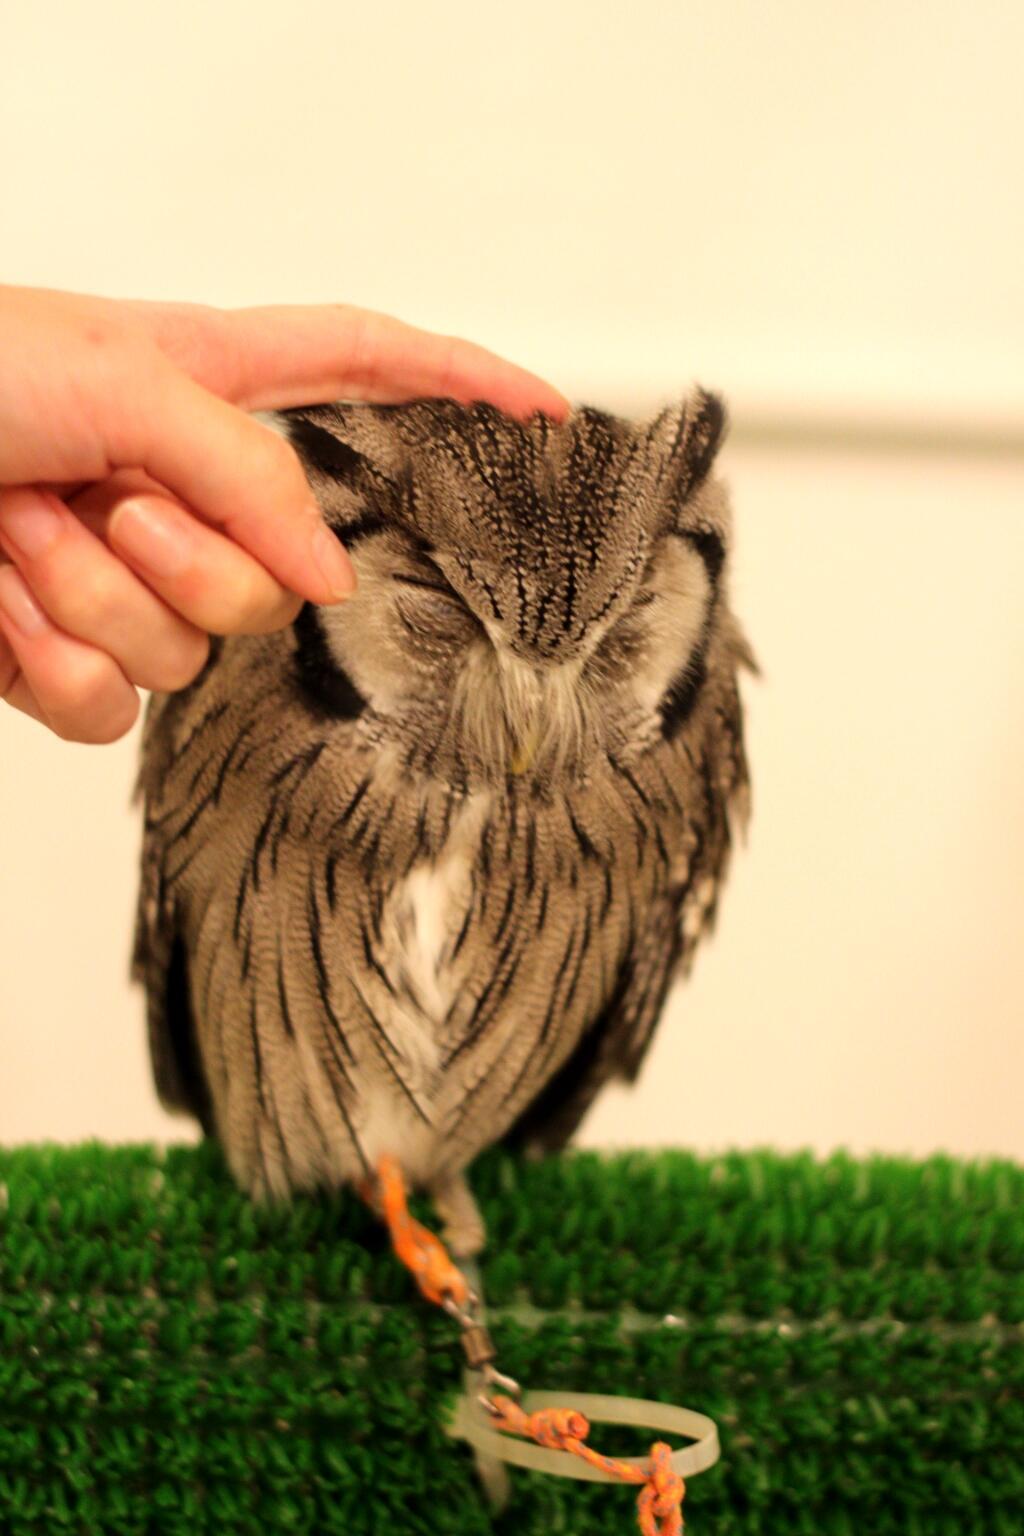 【画像】フクロウカフェに行ったら萌え死んだ・・・なんだこの可愛すぎる生き物は